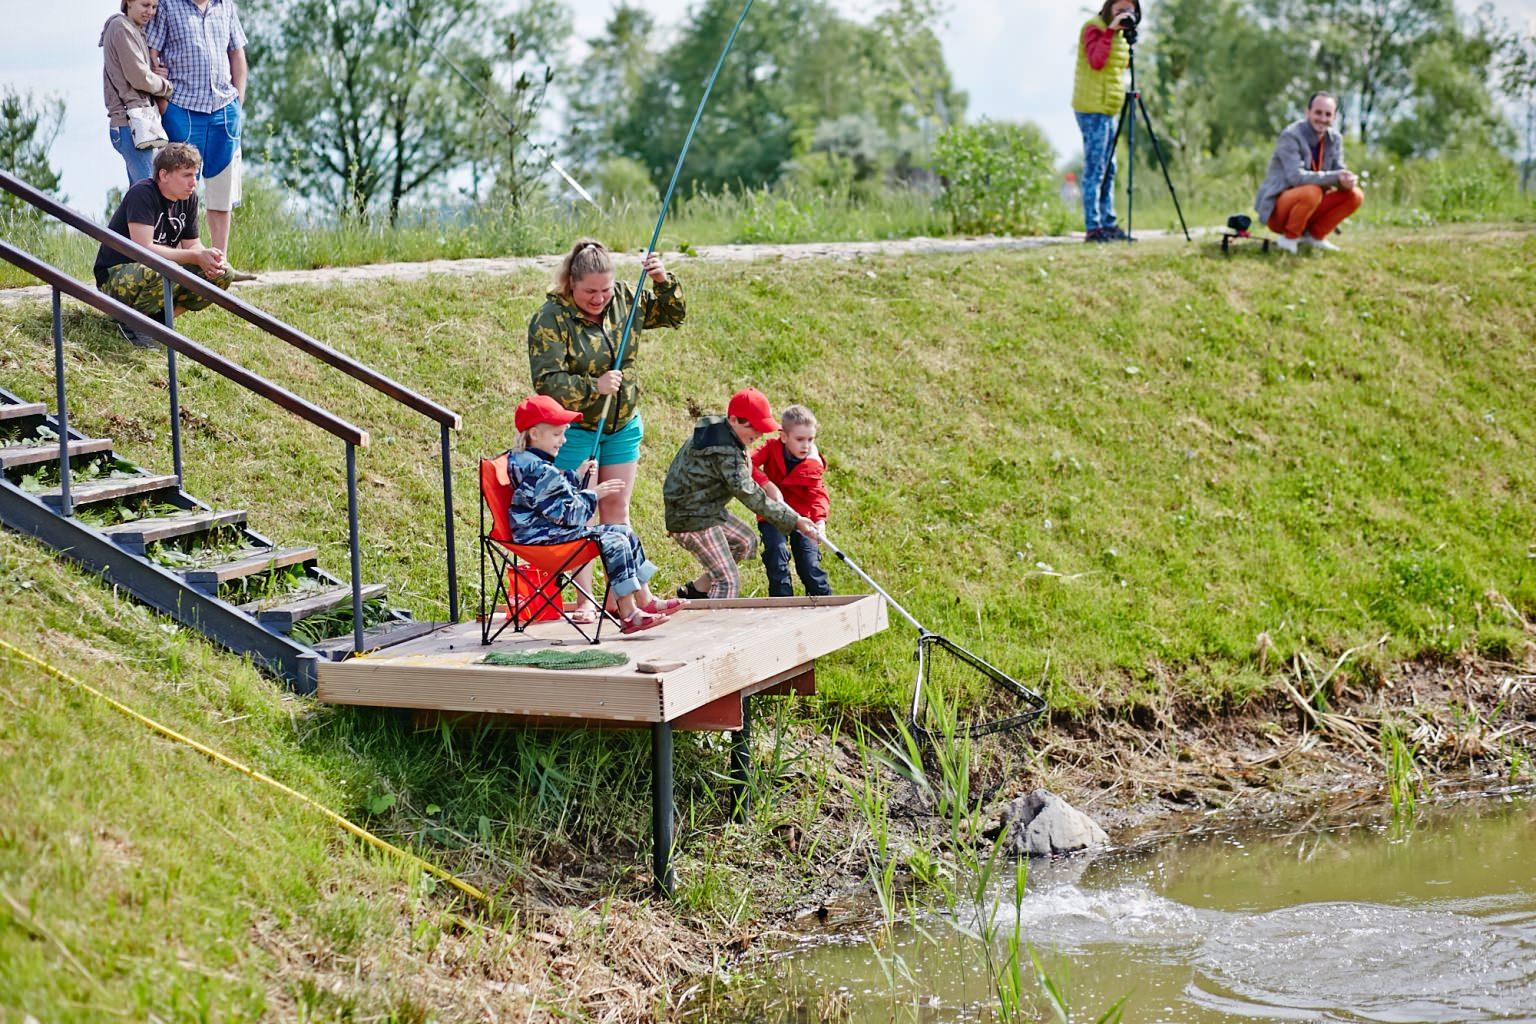 конкурсы на рыболовные соревнования